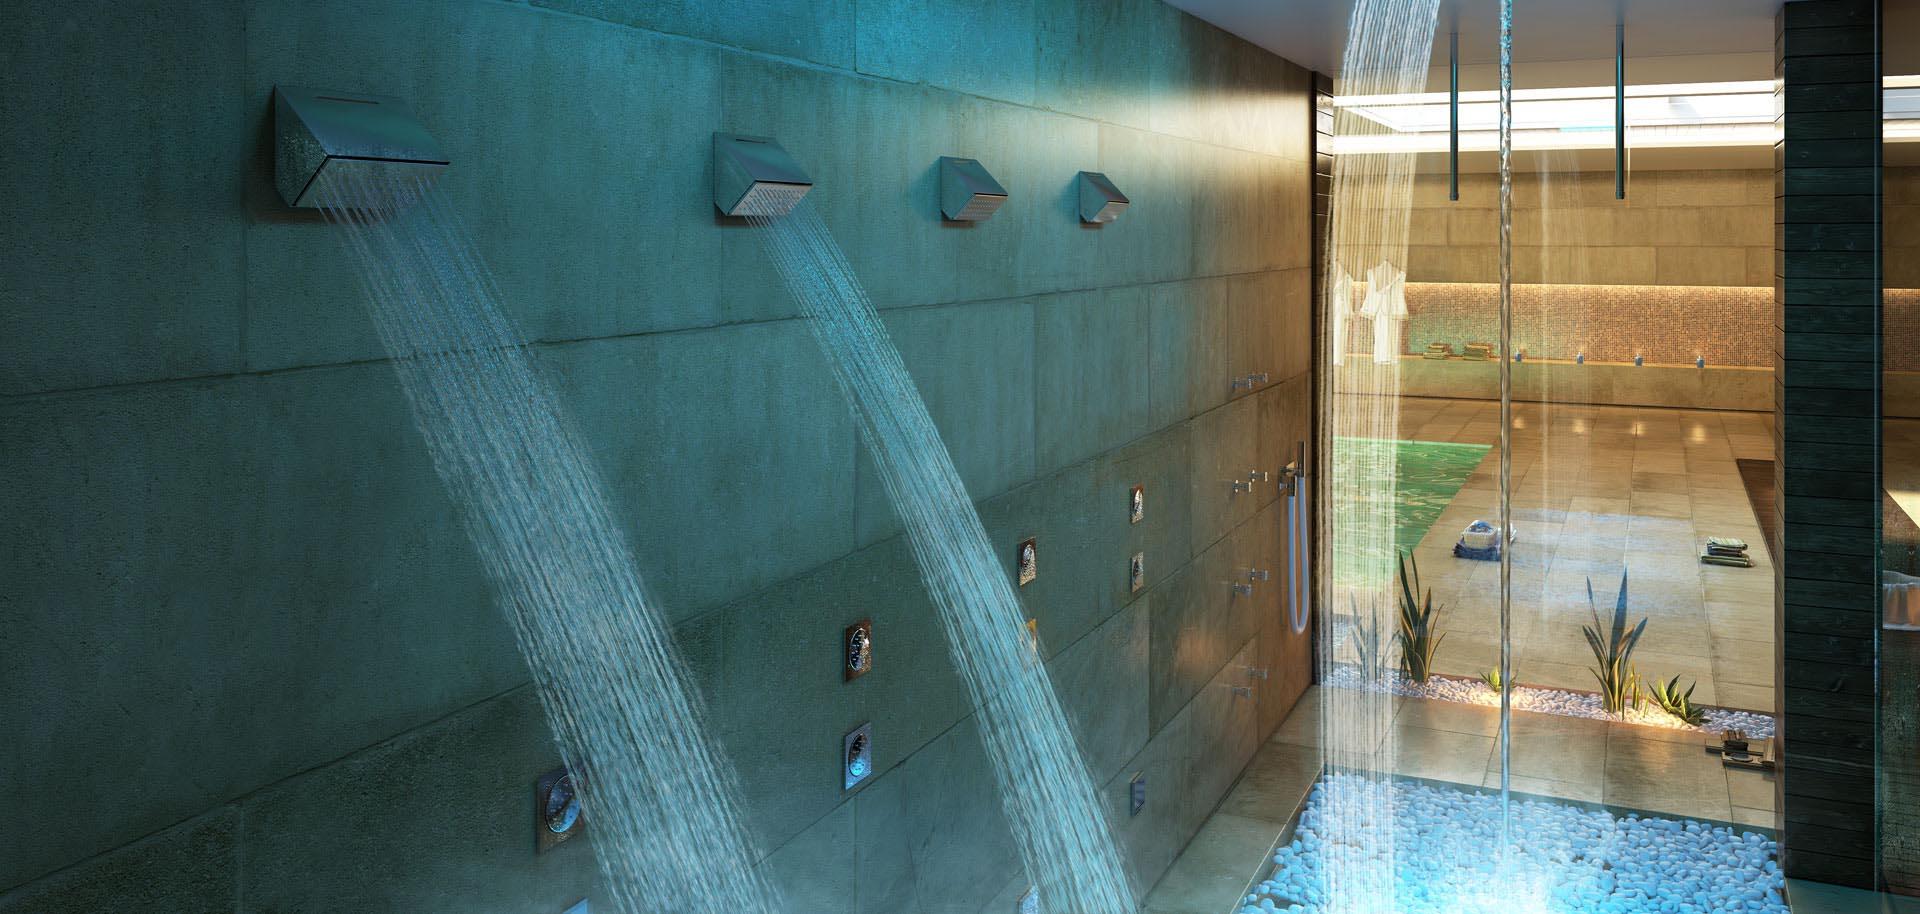 Travet ceramiche marmi e arredo bagno per la tua casa for Arredo bagno offerte